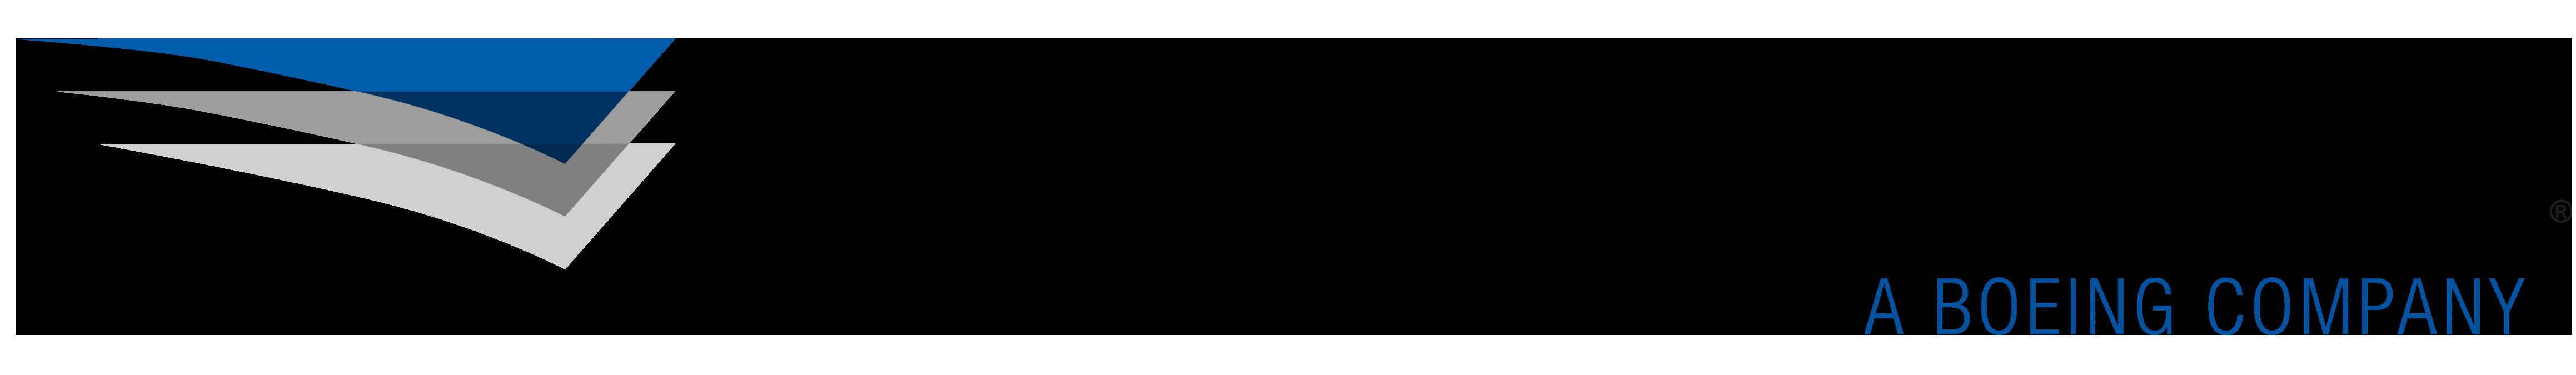 Jeppesen_logo_logotype.png